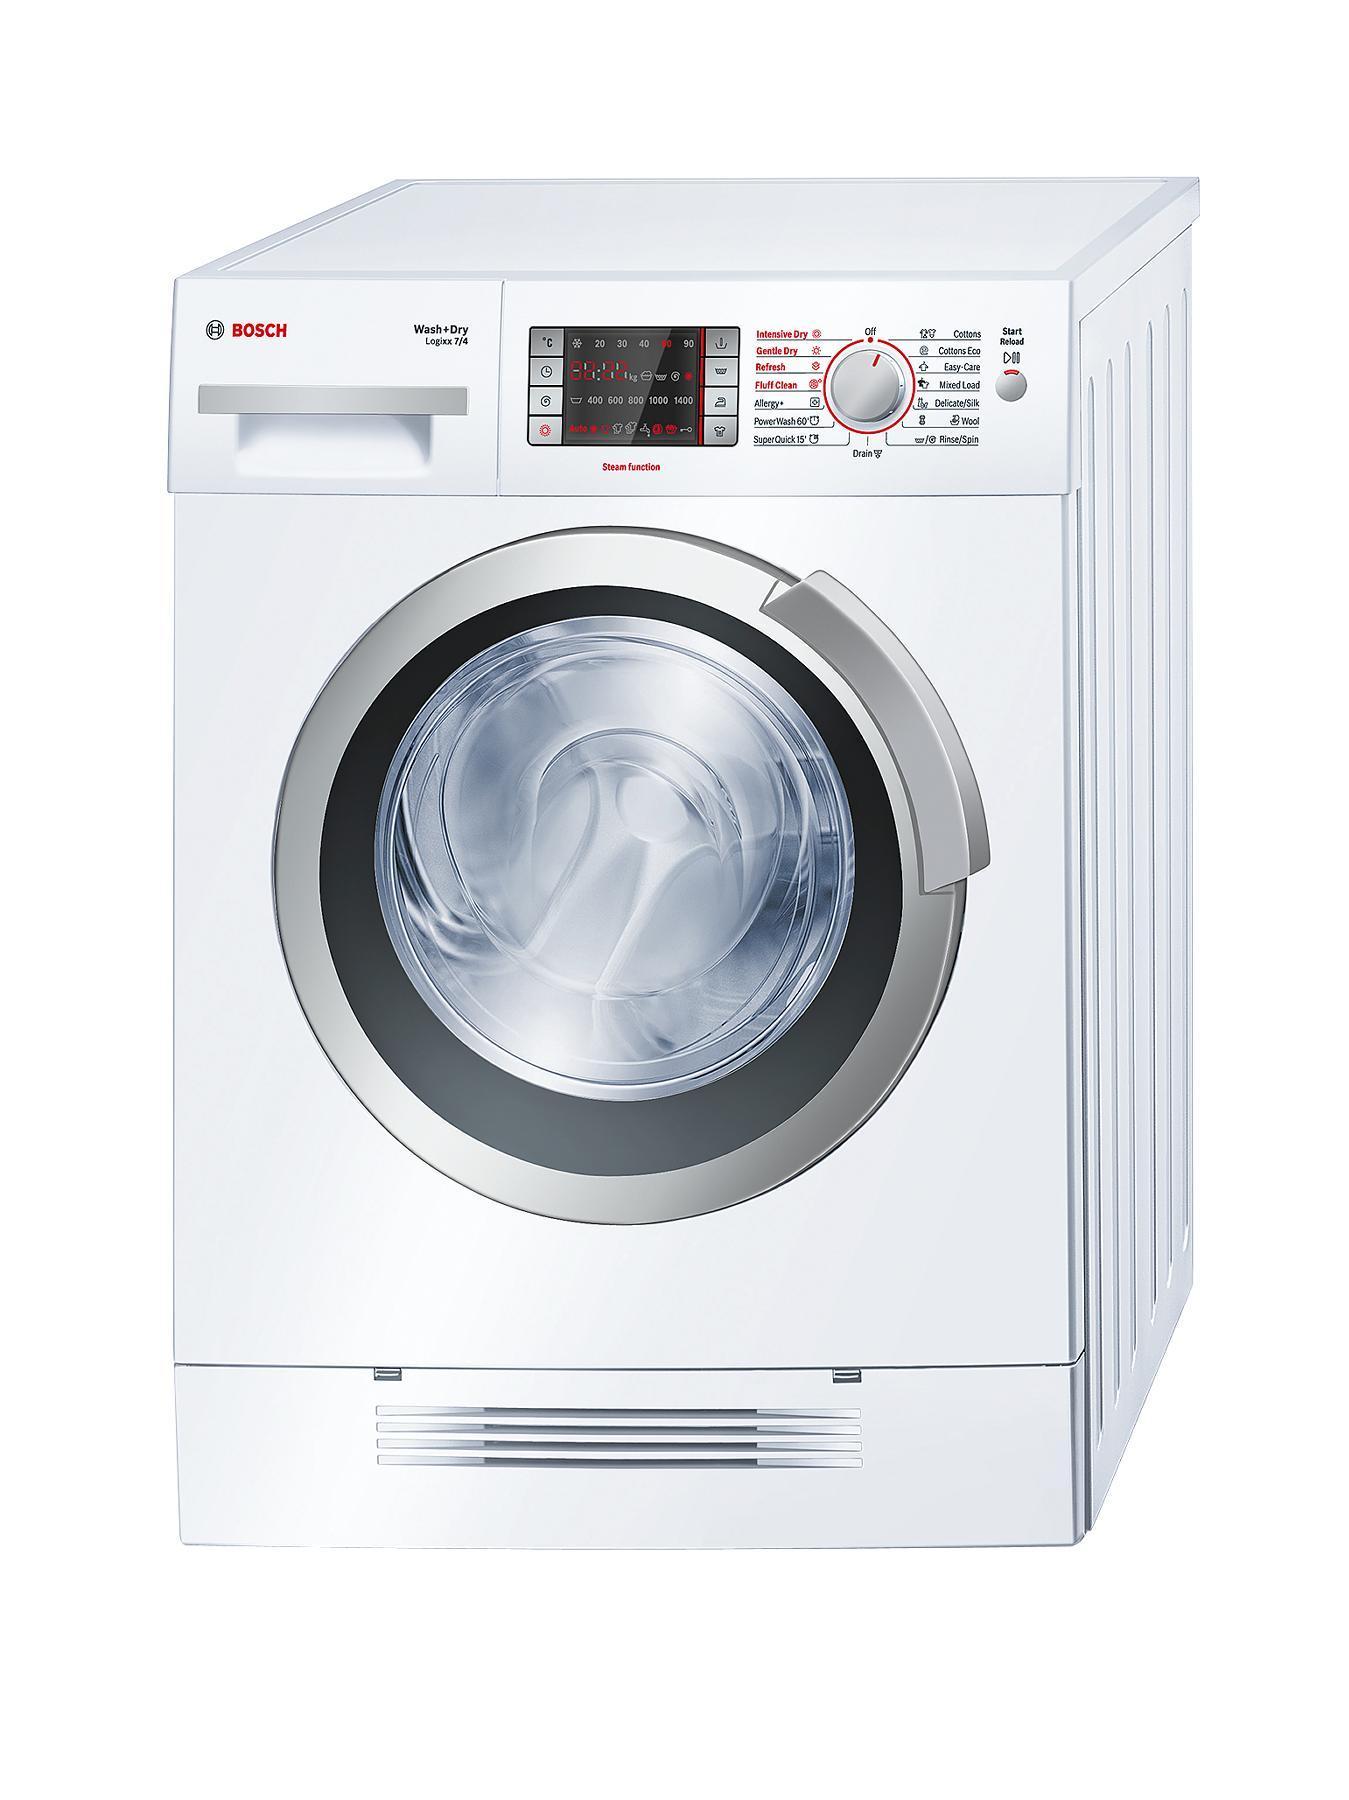 Bosch Logixx WVH28421Gb 1400 Spin, 7kg + 4kg Washer Dryer - White